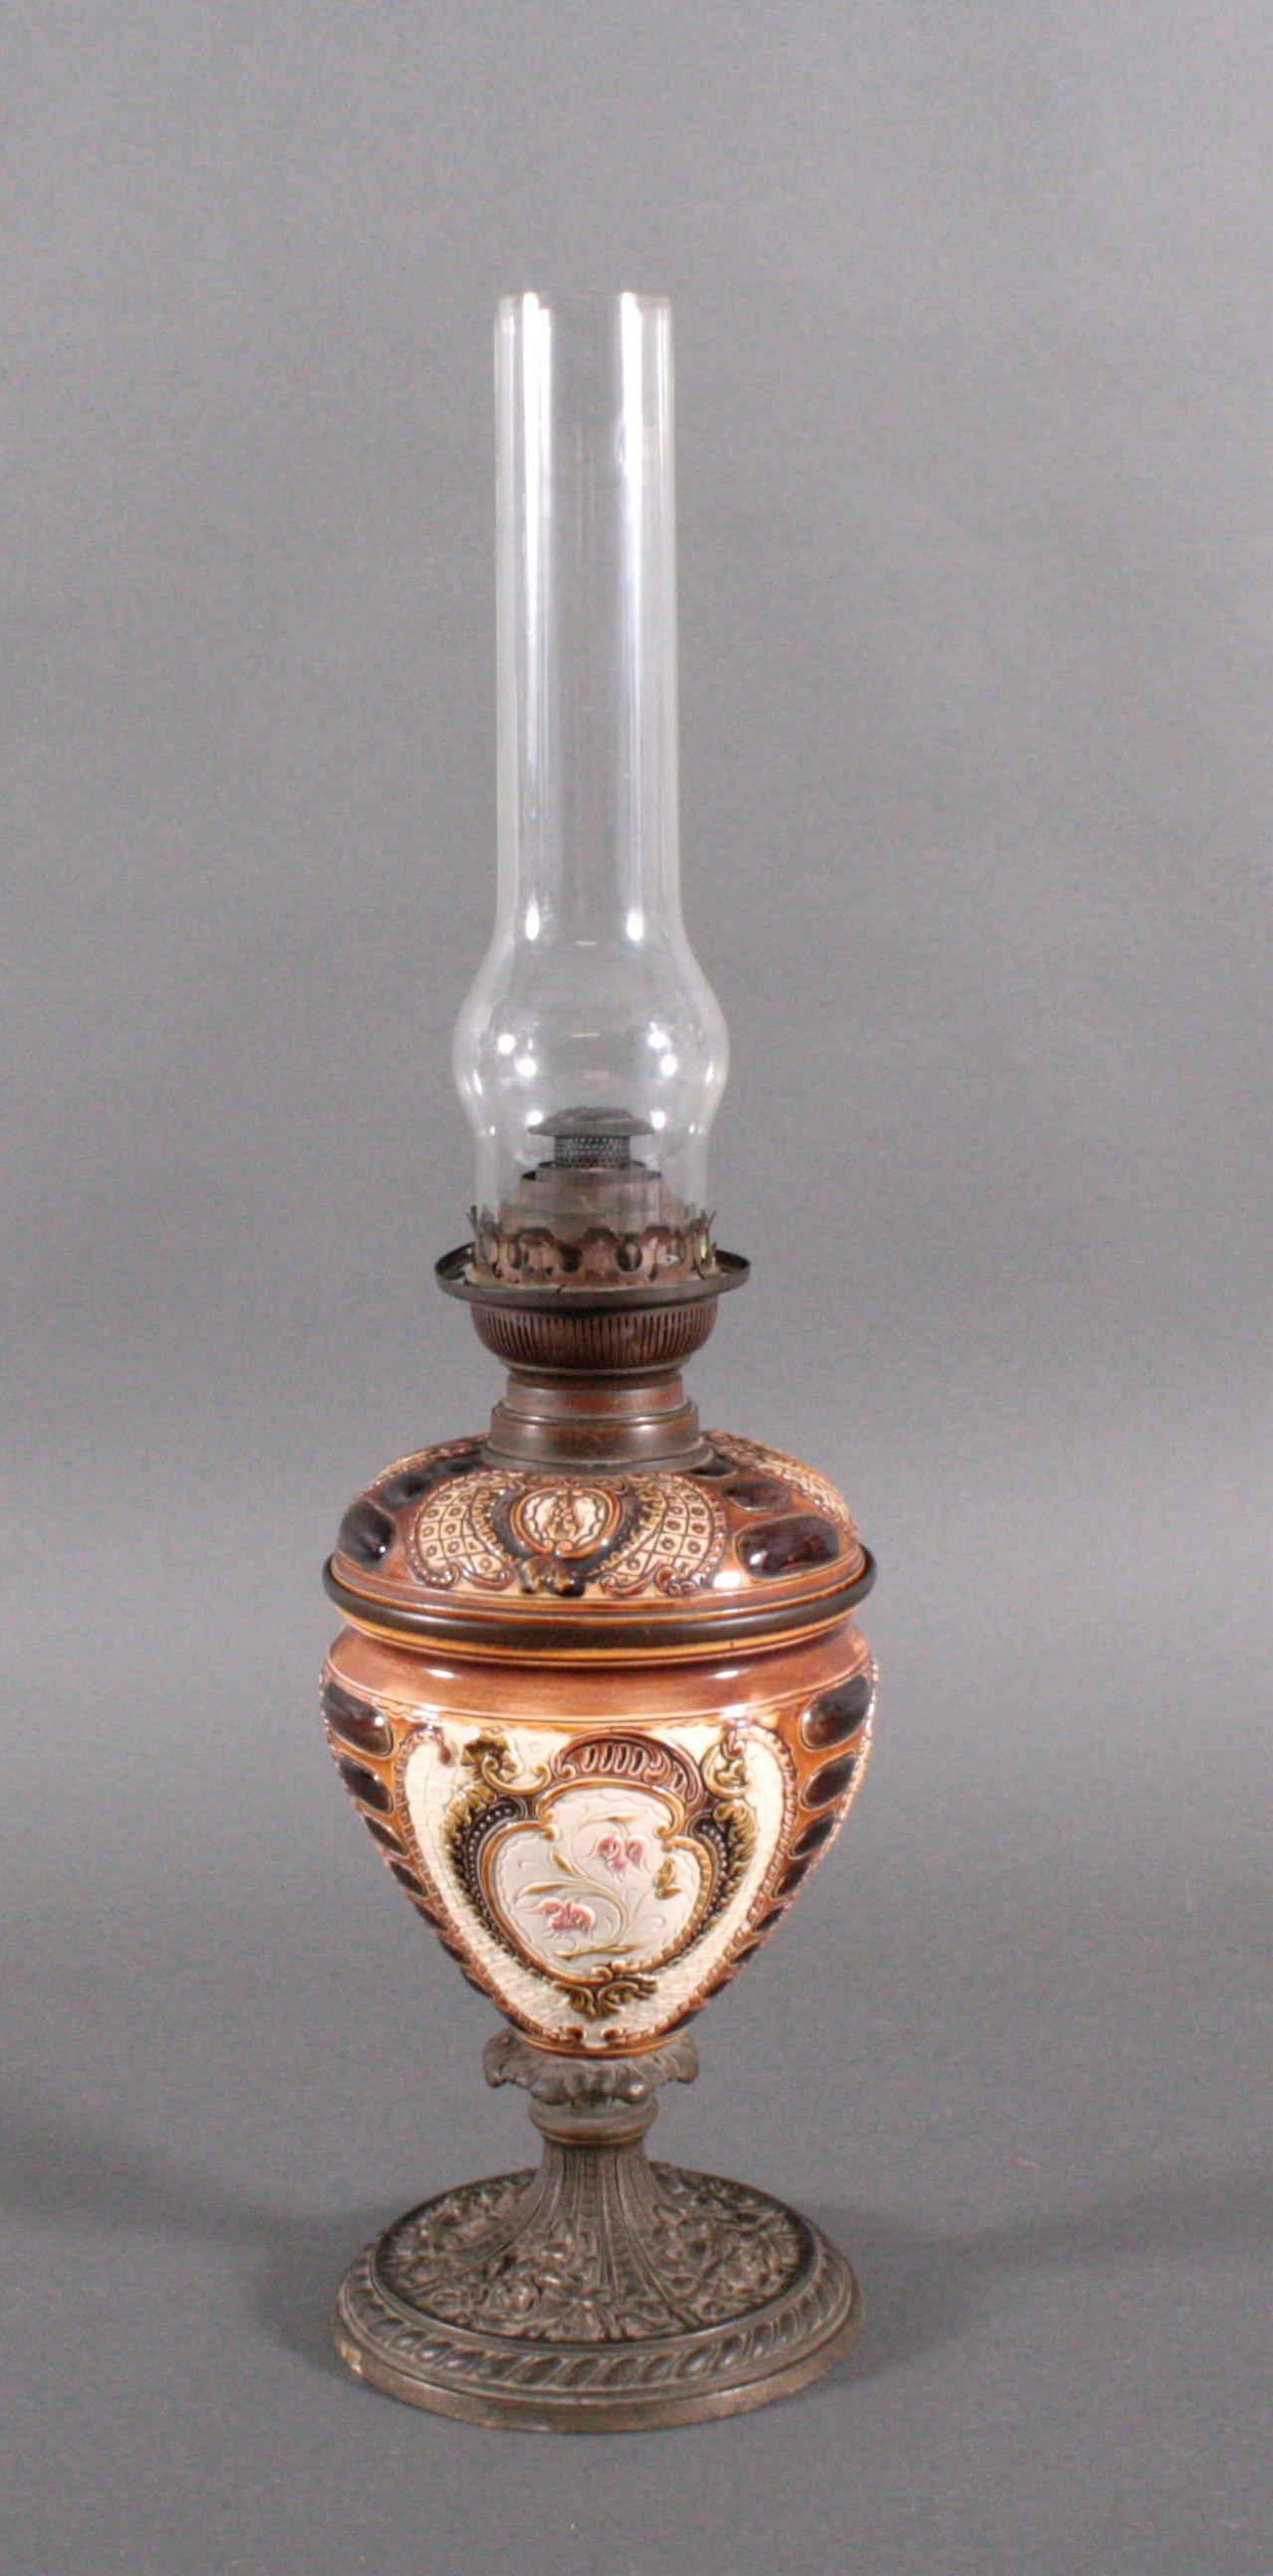 Petroleumlampe um 1900